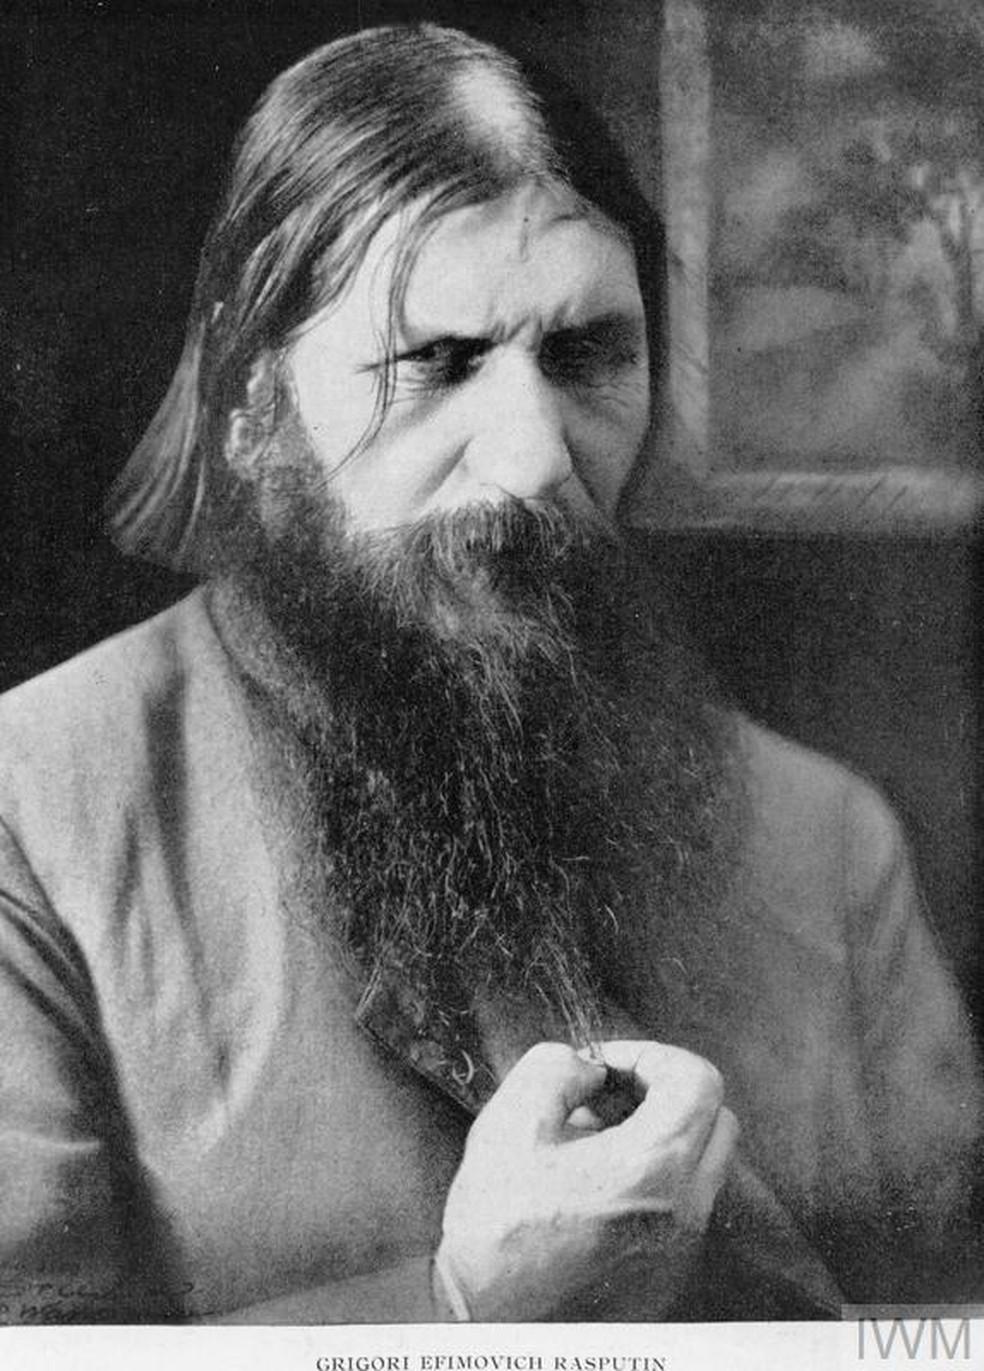 Foto de Rasputin, místico que influenciou a família Romanov (Foto: © IWM (Q 81770))